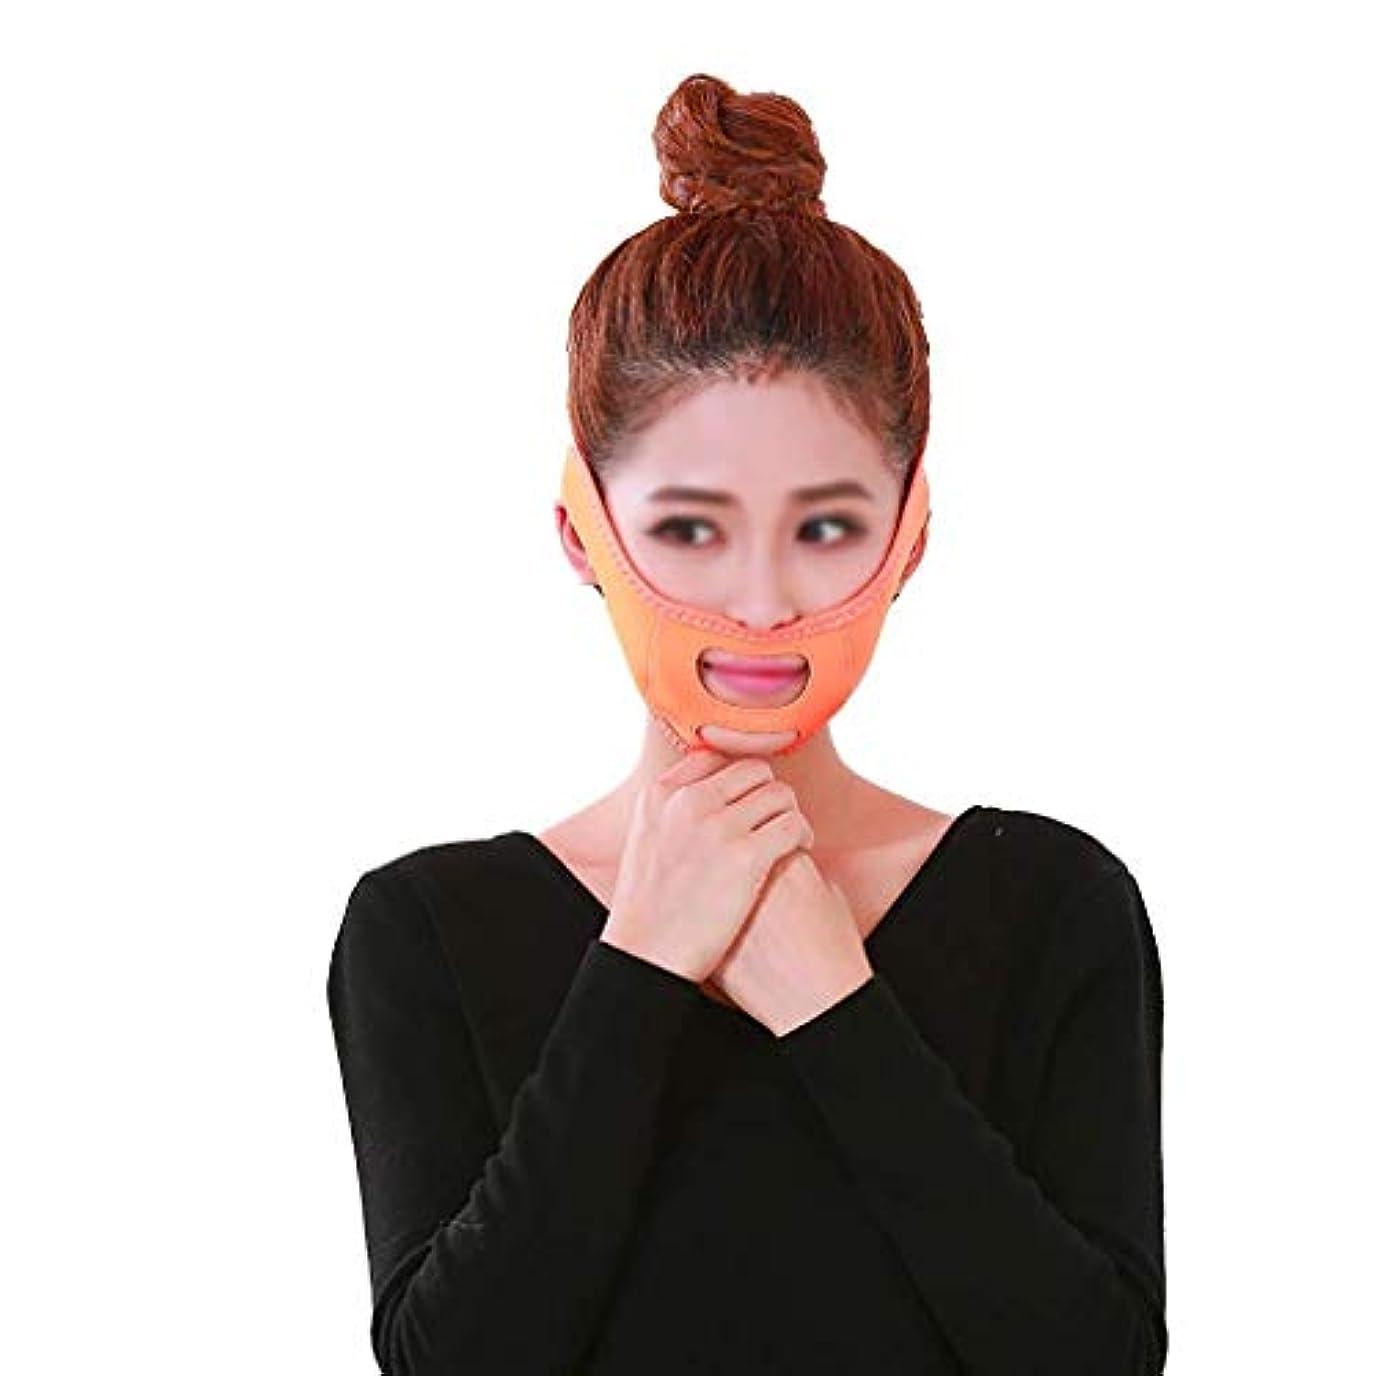 タンパク質財布筋肉のフェイスリフトフェイシャル、肌のリラクゼーションを防ぐタイトなVフェイスマスクVフェイスアーティファクトフェイスリフトバンデージフェイスケア(色:オレンジ)